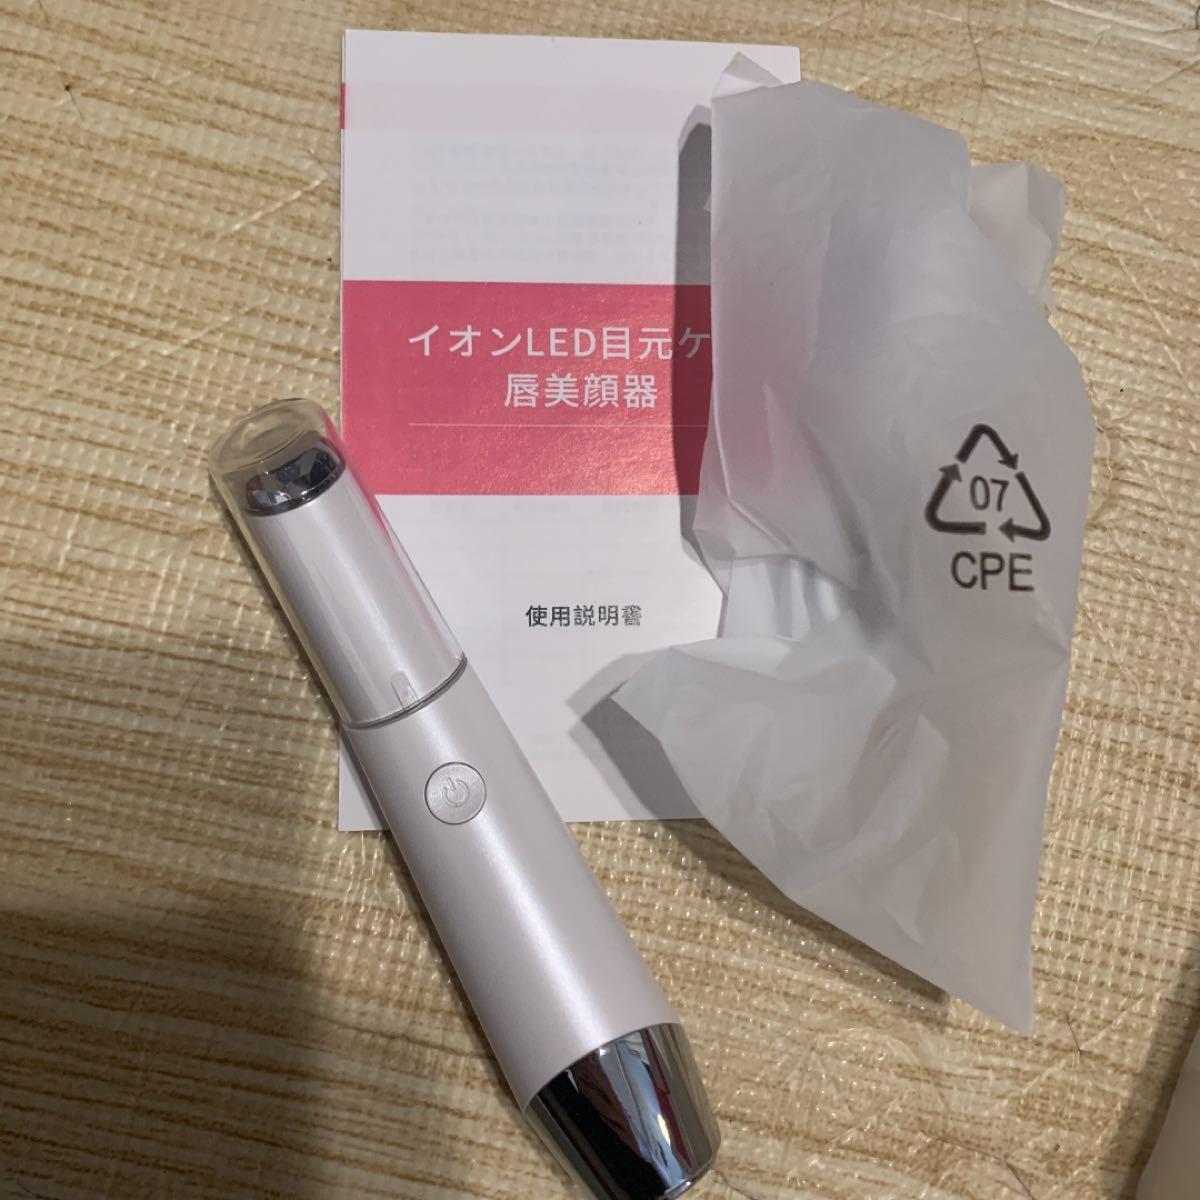 目元ケア美顔器 フェイスケア 振動 温熱 クマ シワ 法令線改善 USB充電 温冷美顔器 エステ クマ対策 温冷 美顔器 毛穴ケア